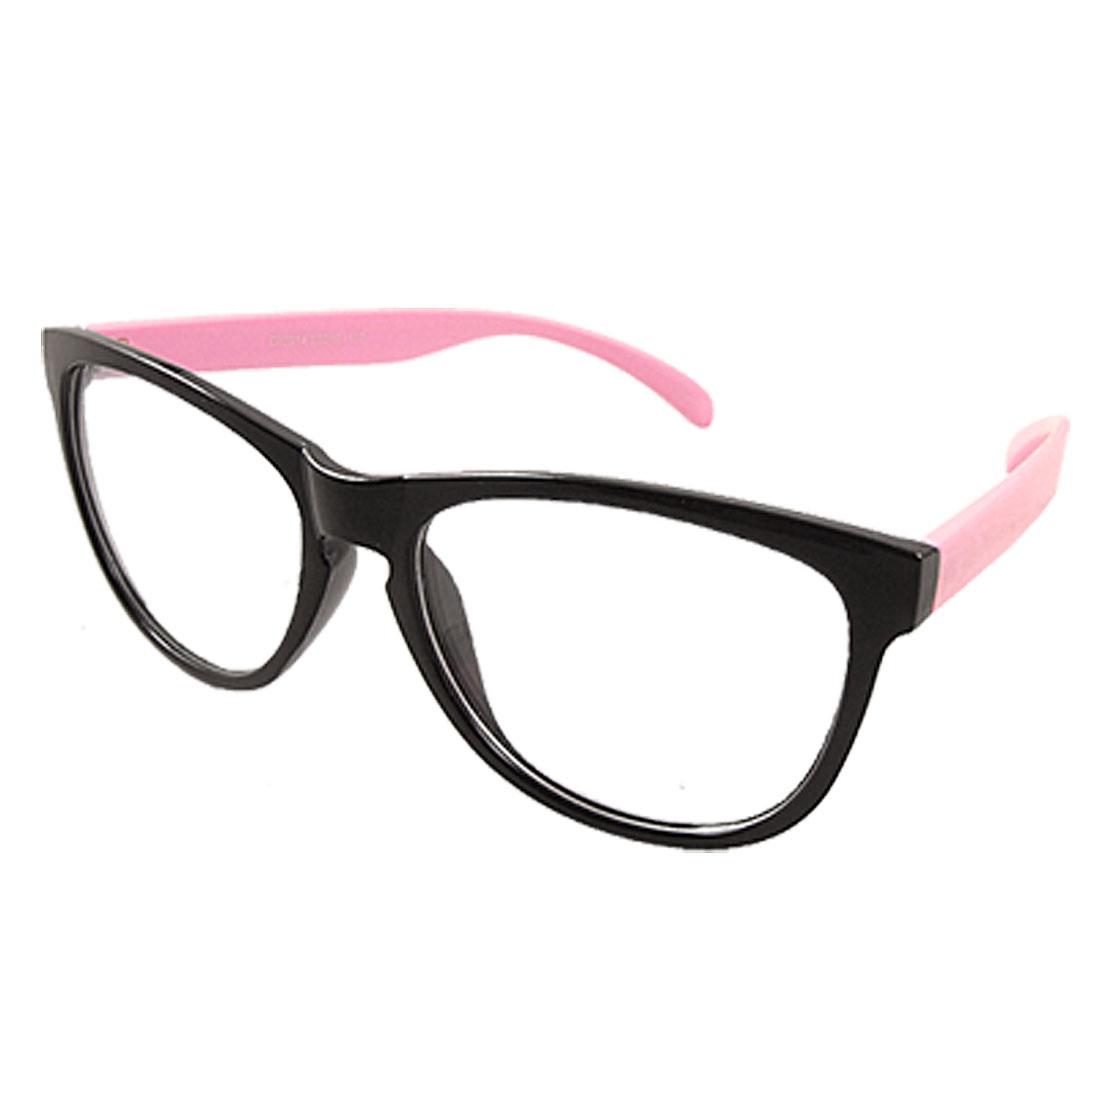 Men Women Pink Arms Full Black Rim Oversized Clear Lens Plastic Glasses